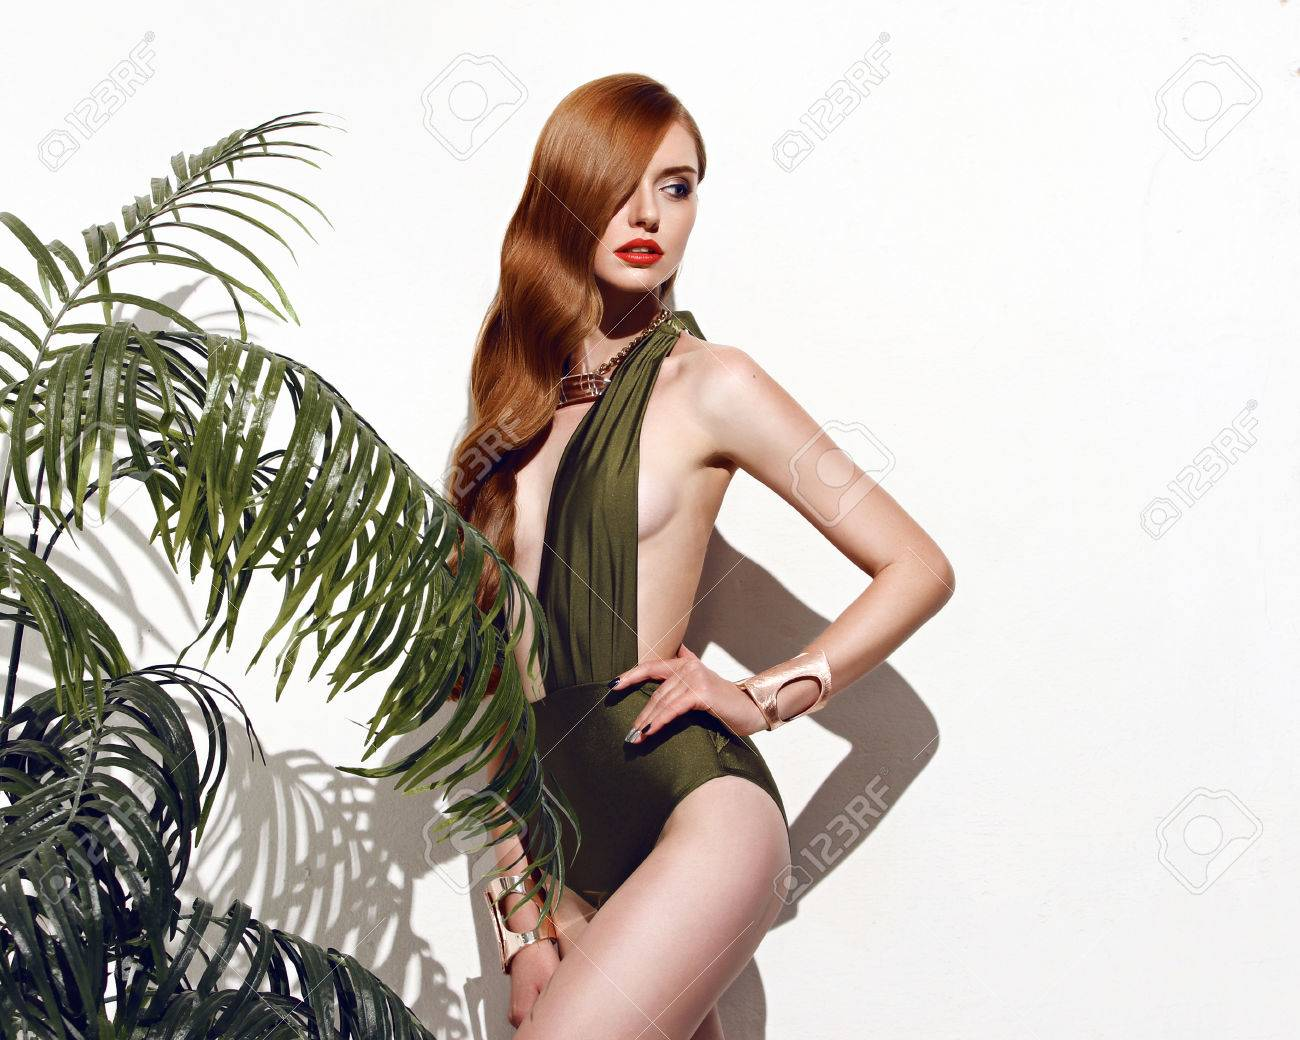 Fille Sexy En Maillot fille sexy avec des cheveux roux debout sur isolé sur fond blanc